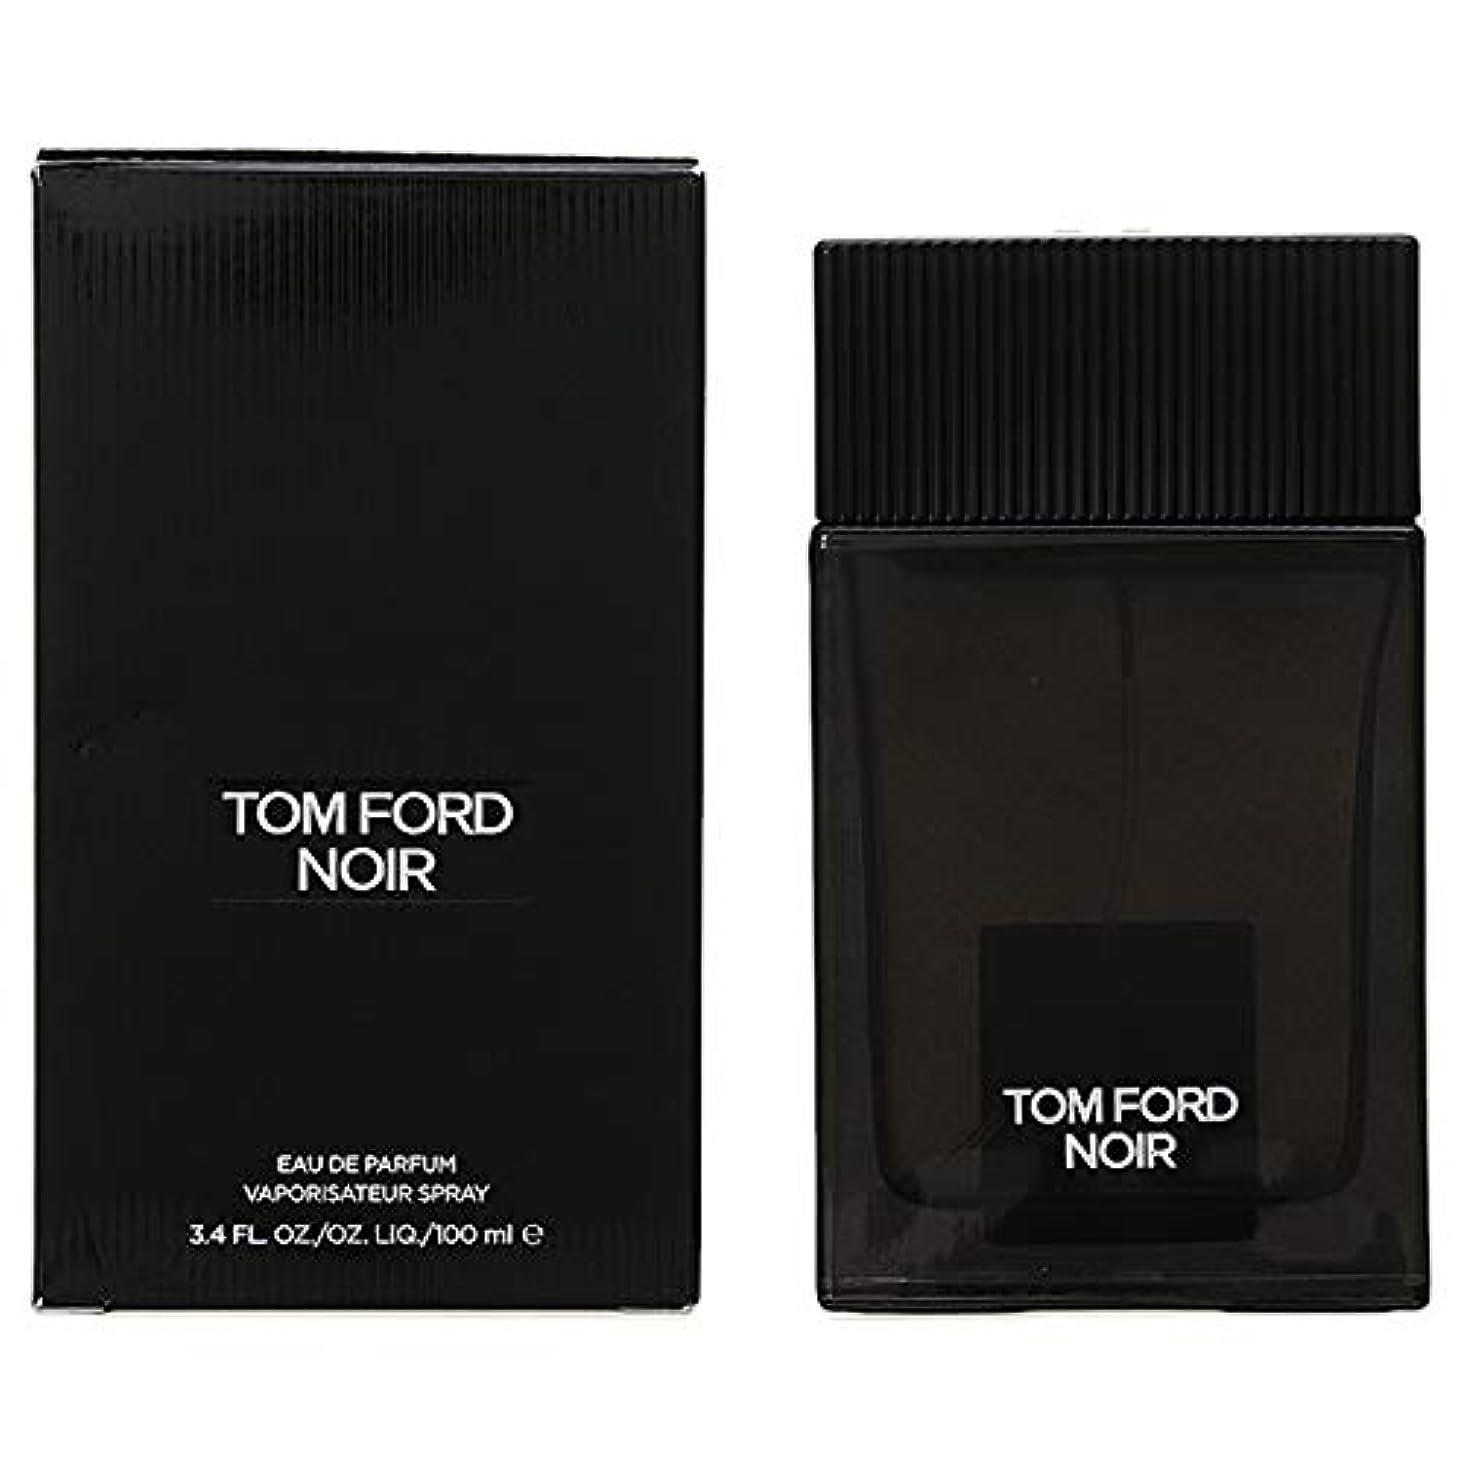 トム フォード ビューティ TOM FORD BEAUTY ノワール オード パルファム スプレィ EDP 100mL [並行輸入品]